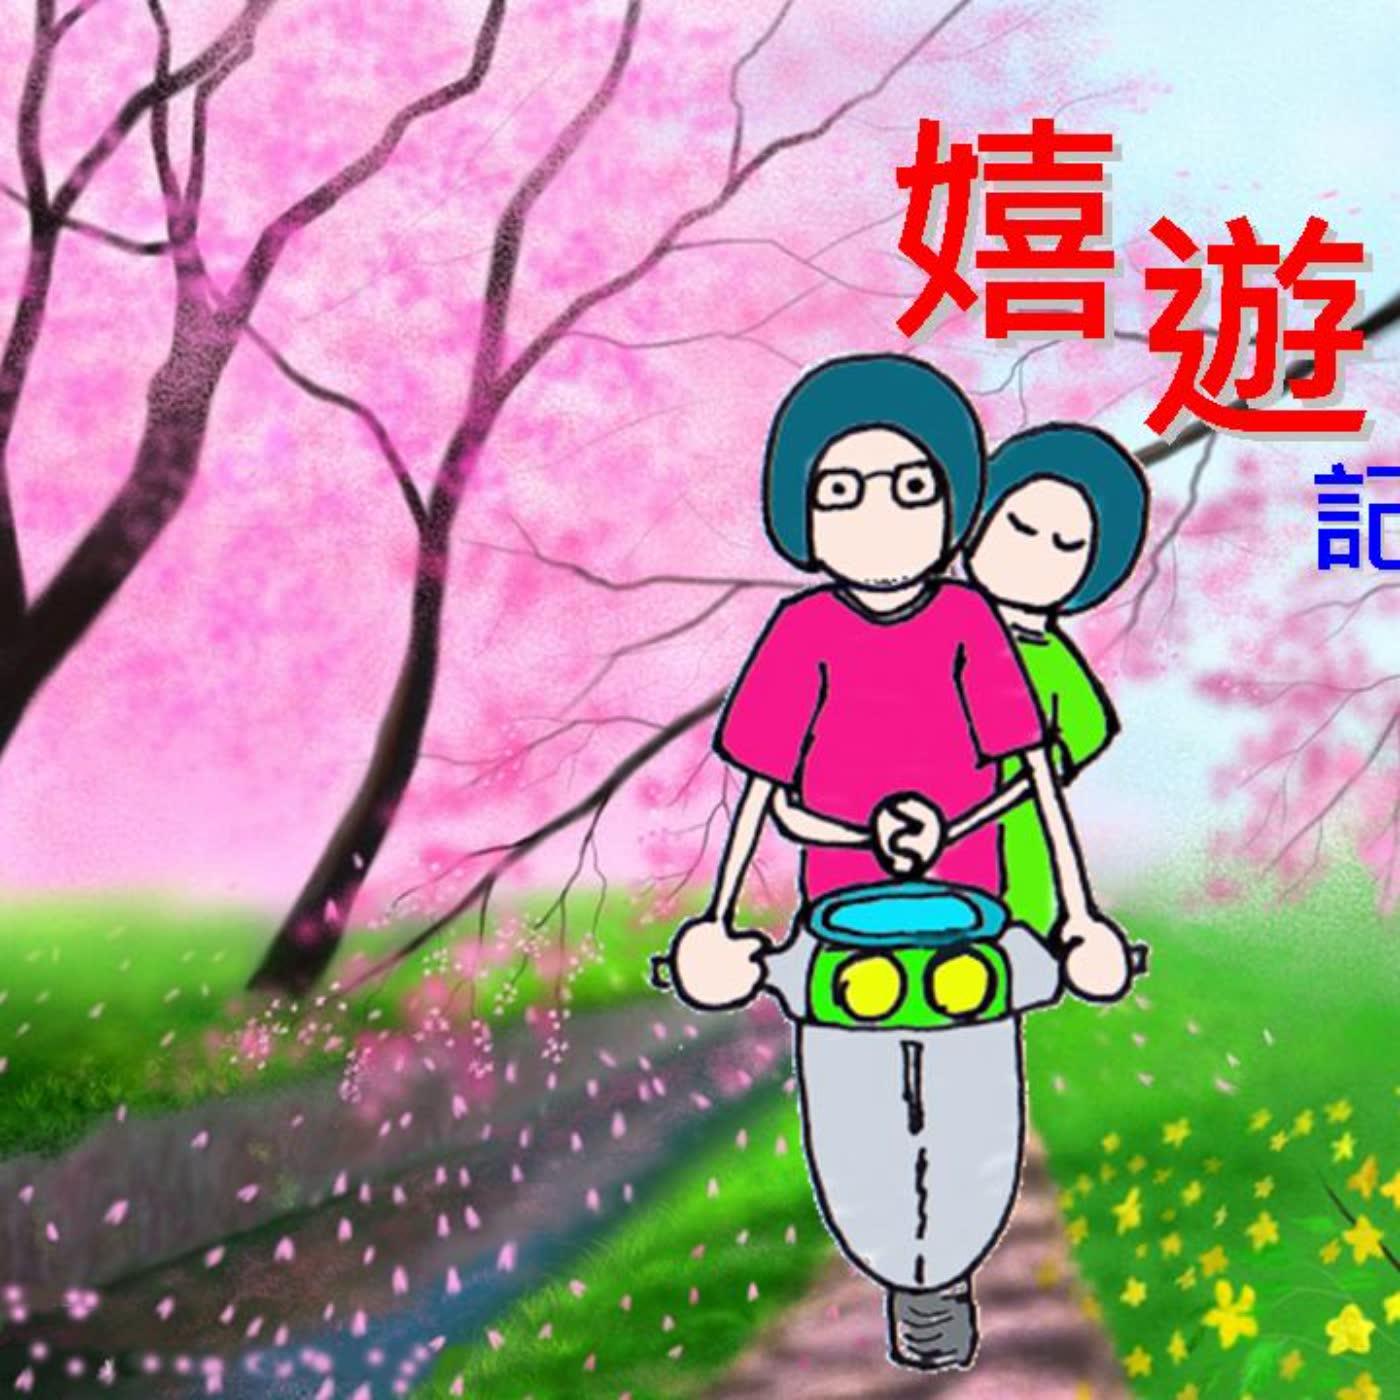 嬉遊記講堂05-發現台灣之美 台灣原住民-布農族-胖子皇20210717